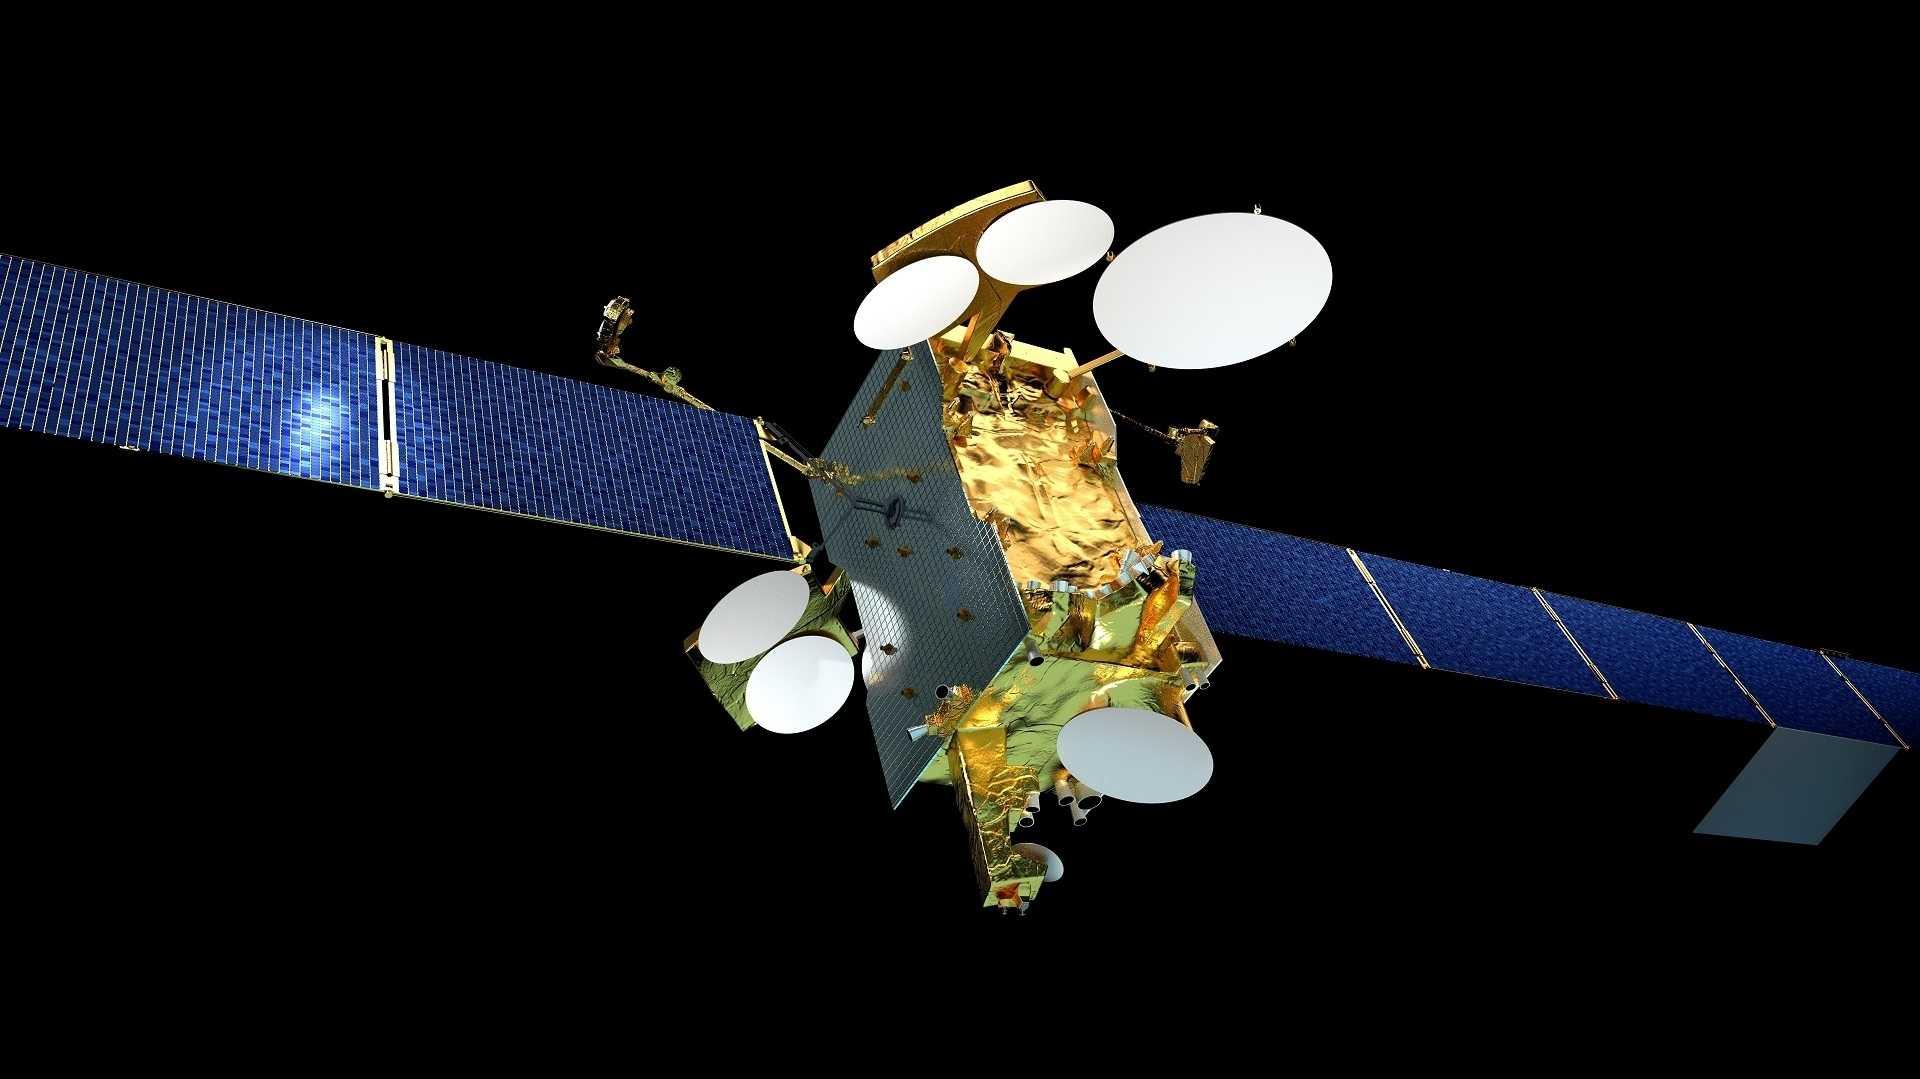 Ariane 5: Panne beim Aussetzen zweier Satelitten